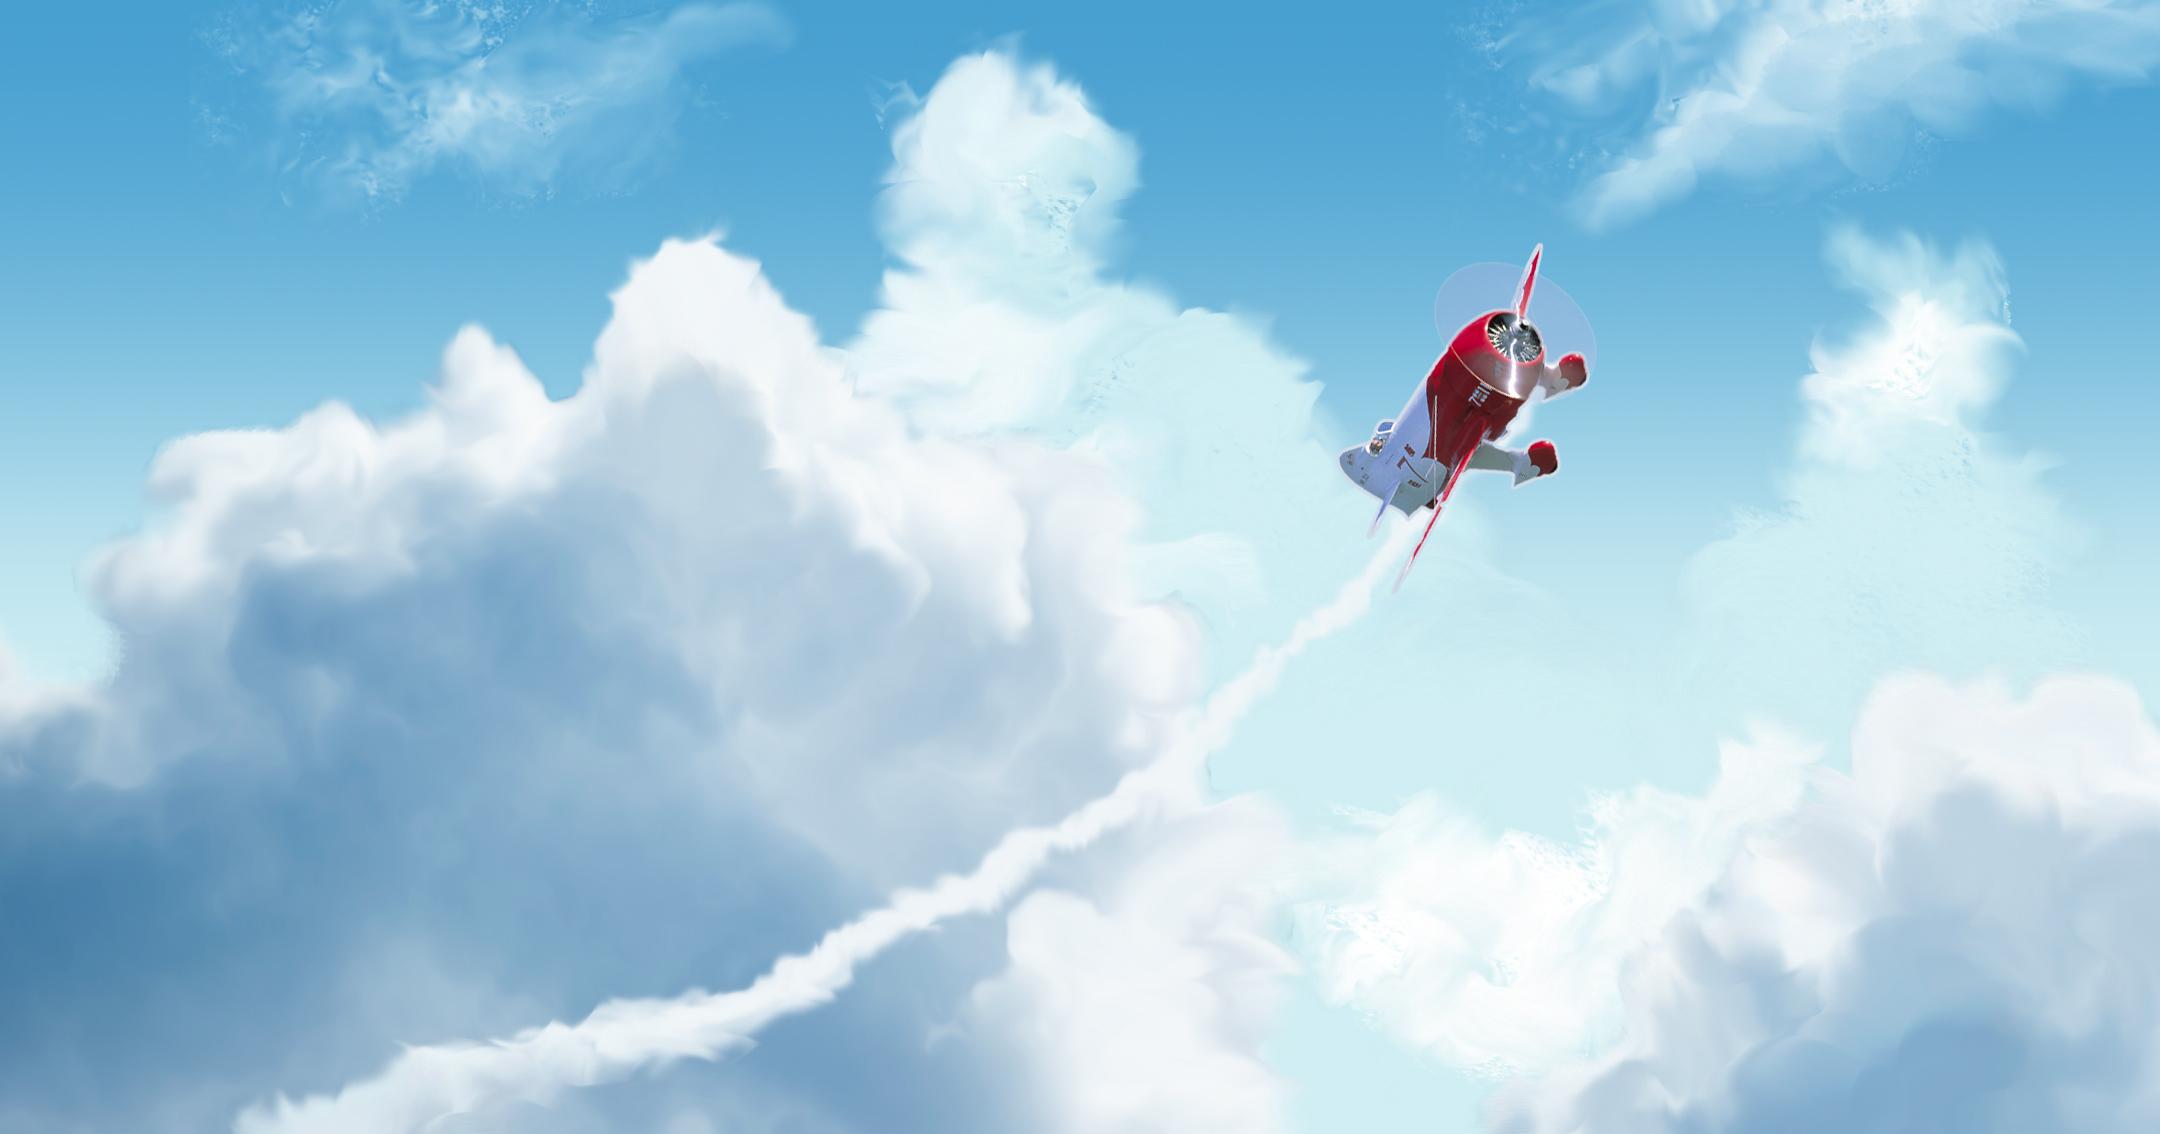 In the sky3.jpg